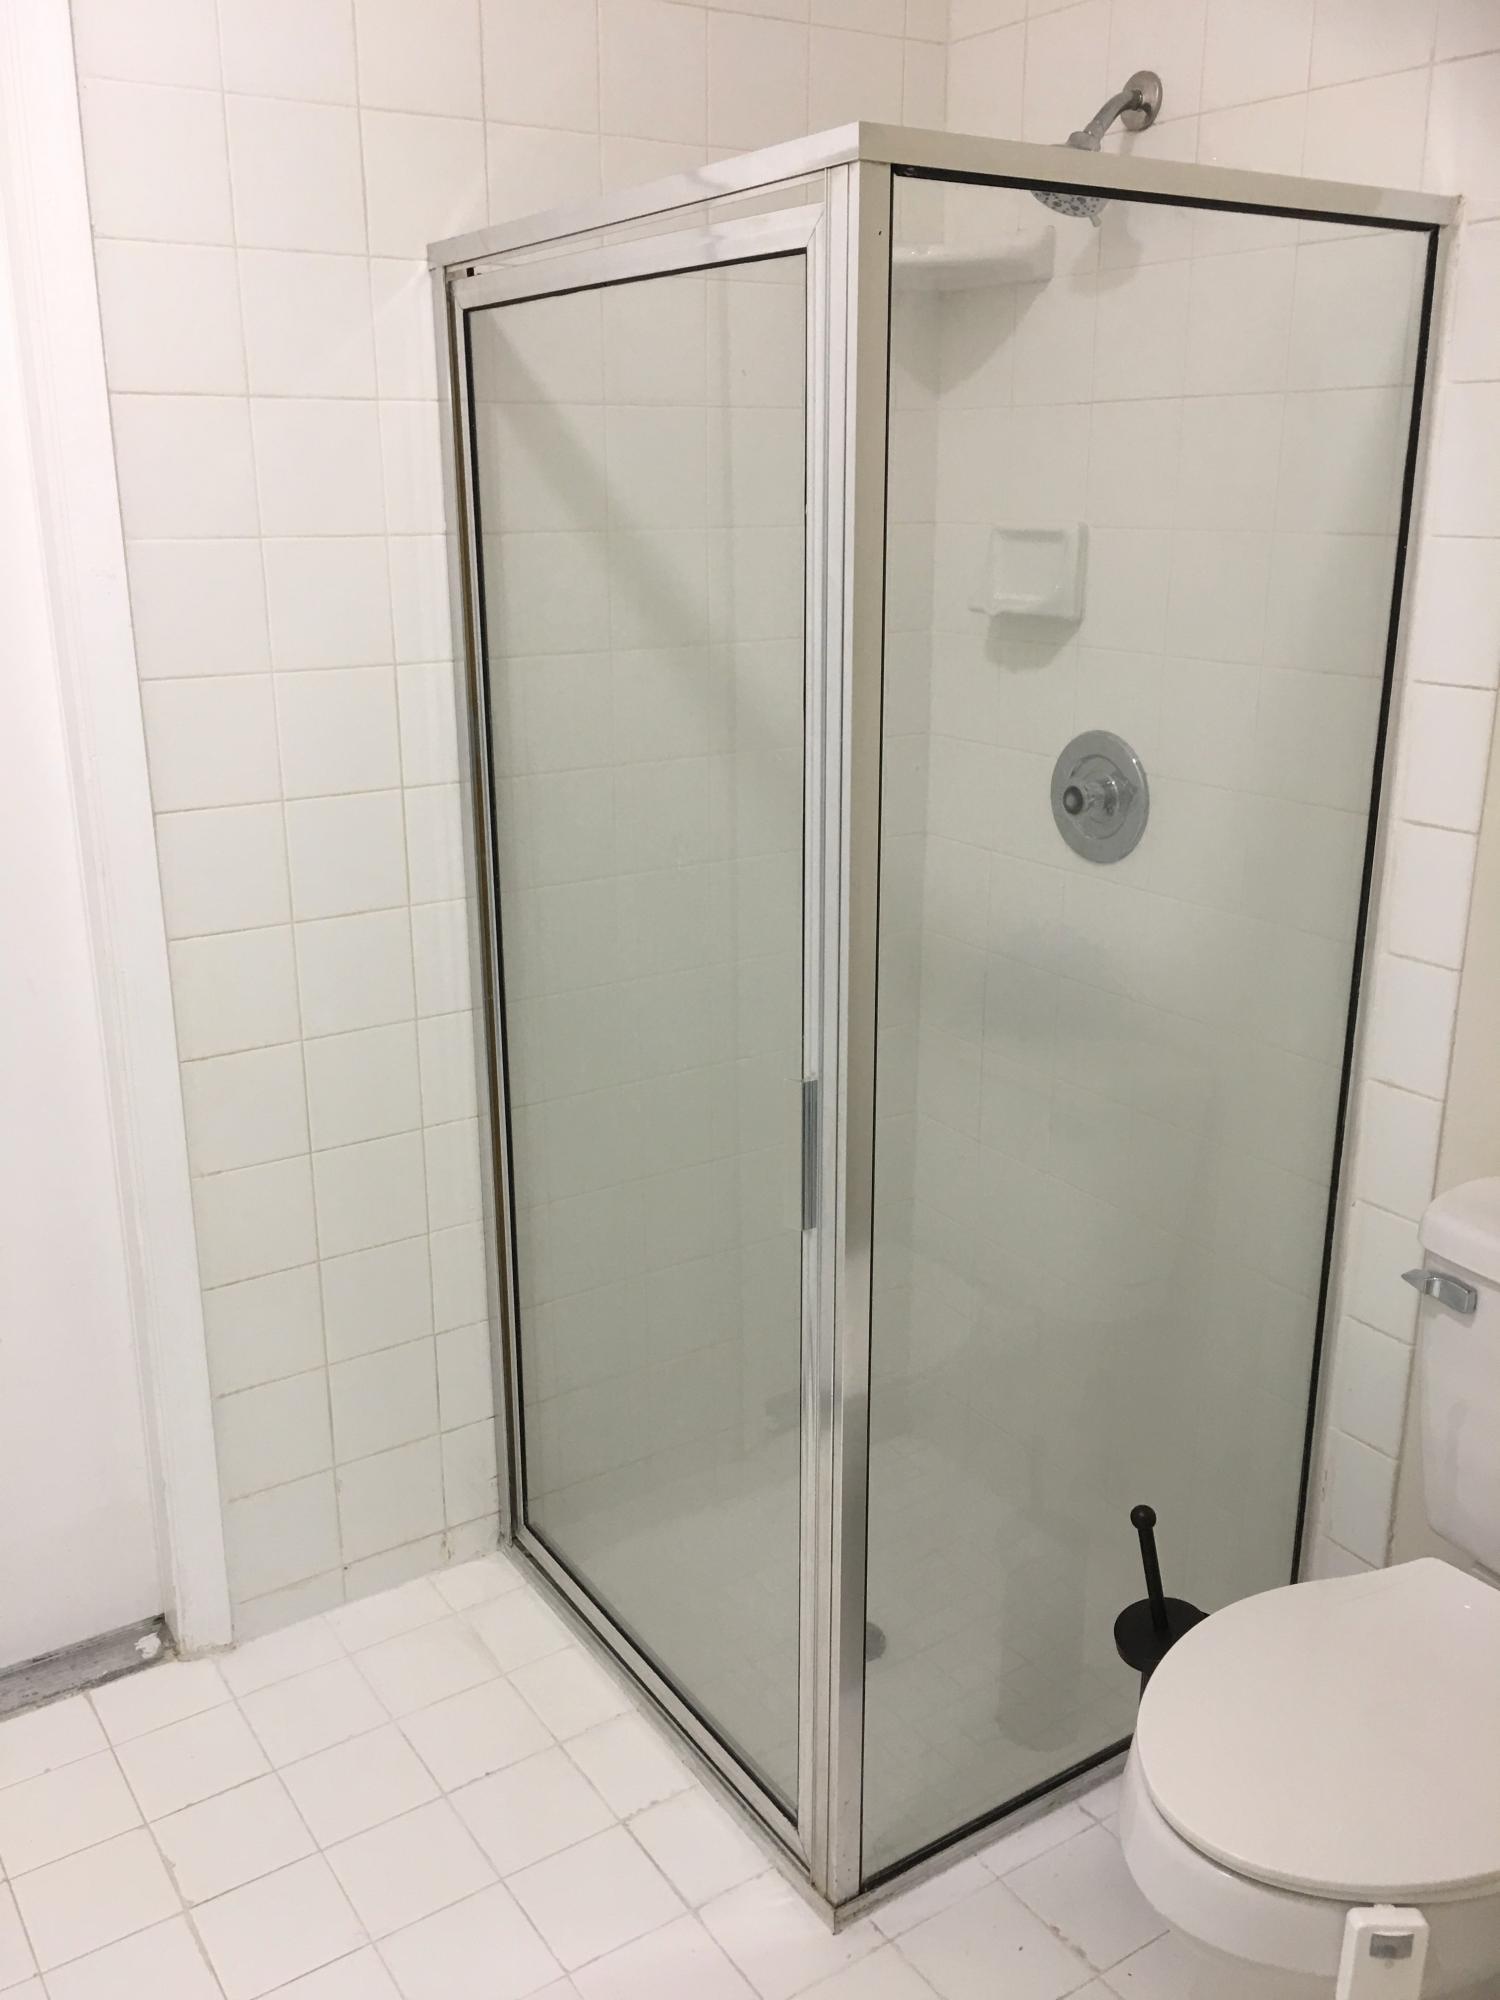 11-MasterBath2-Shower